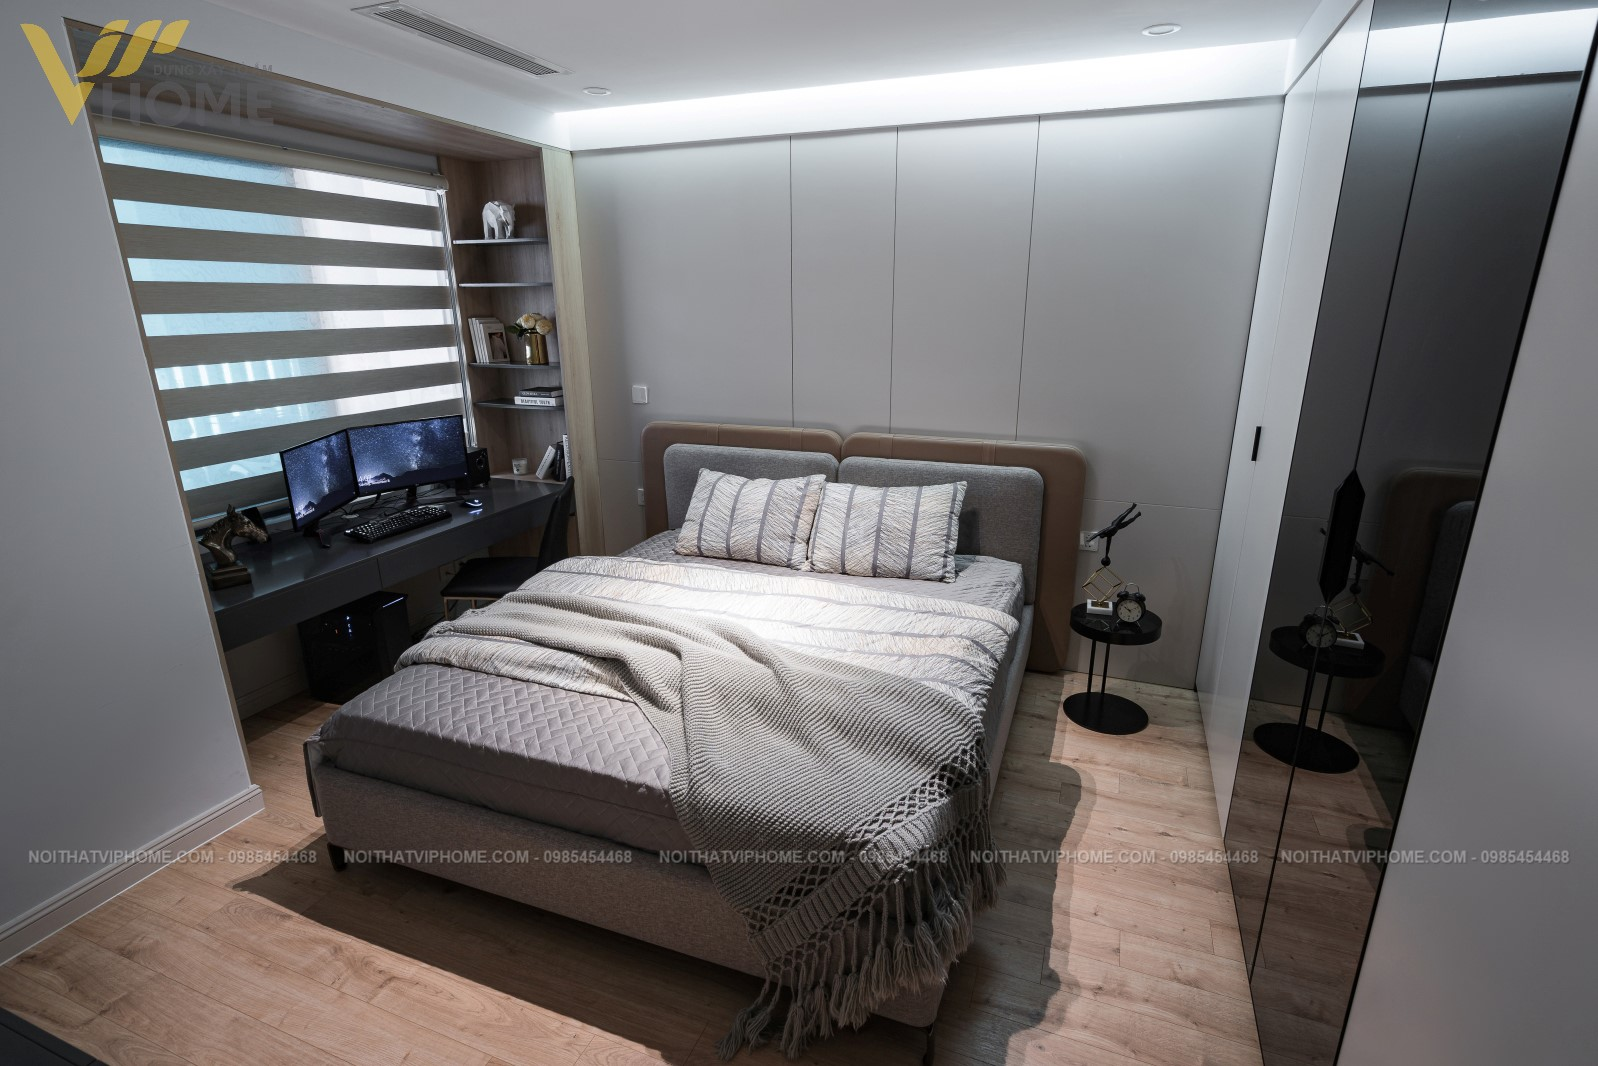 Thiết kế thi công nội thất căn hộ hiện đại đẹp